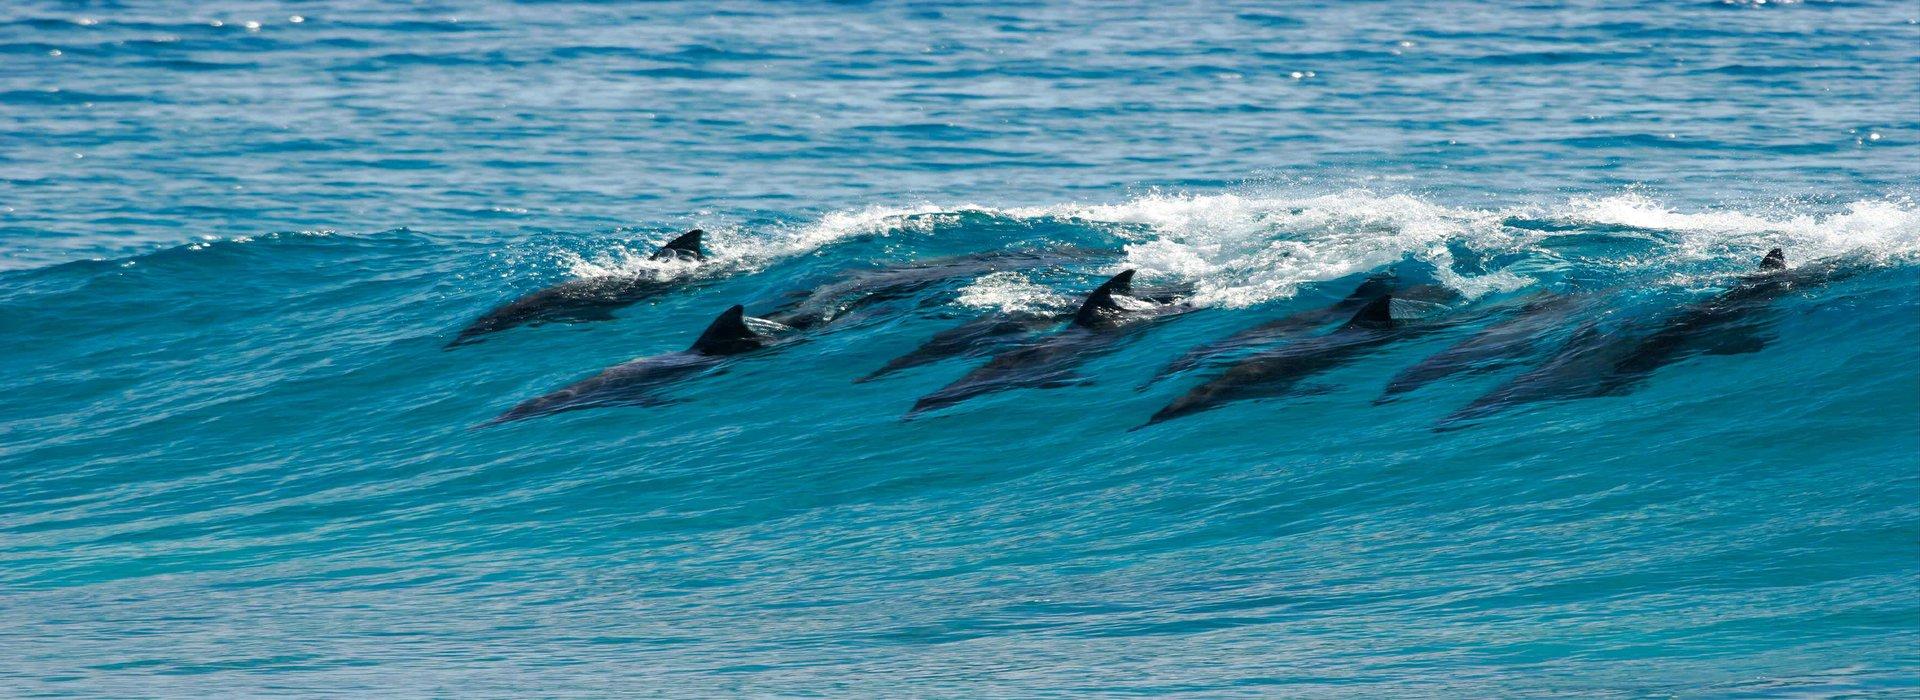 magnifici_delfini_in_gruppo